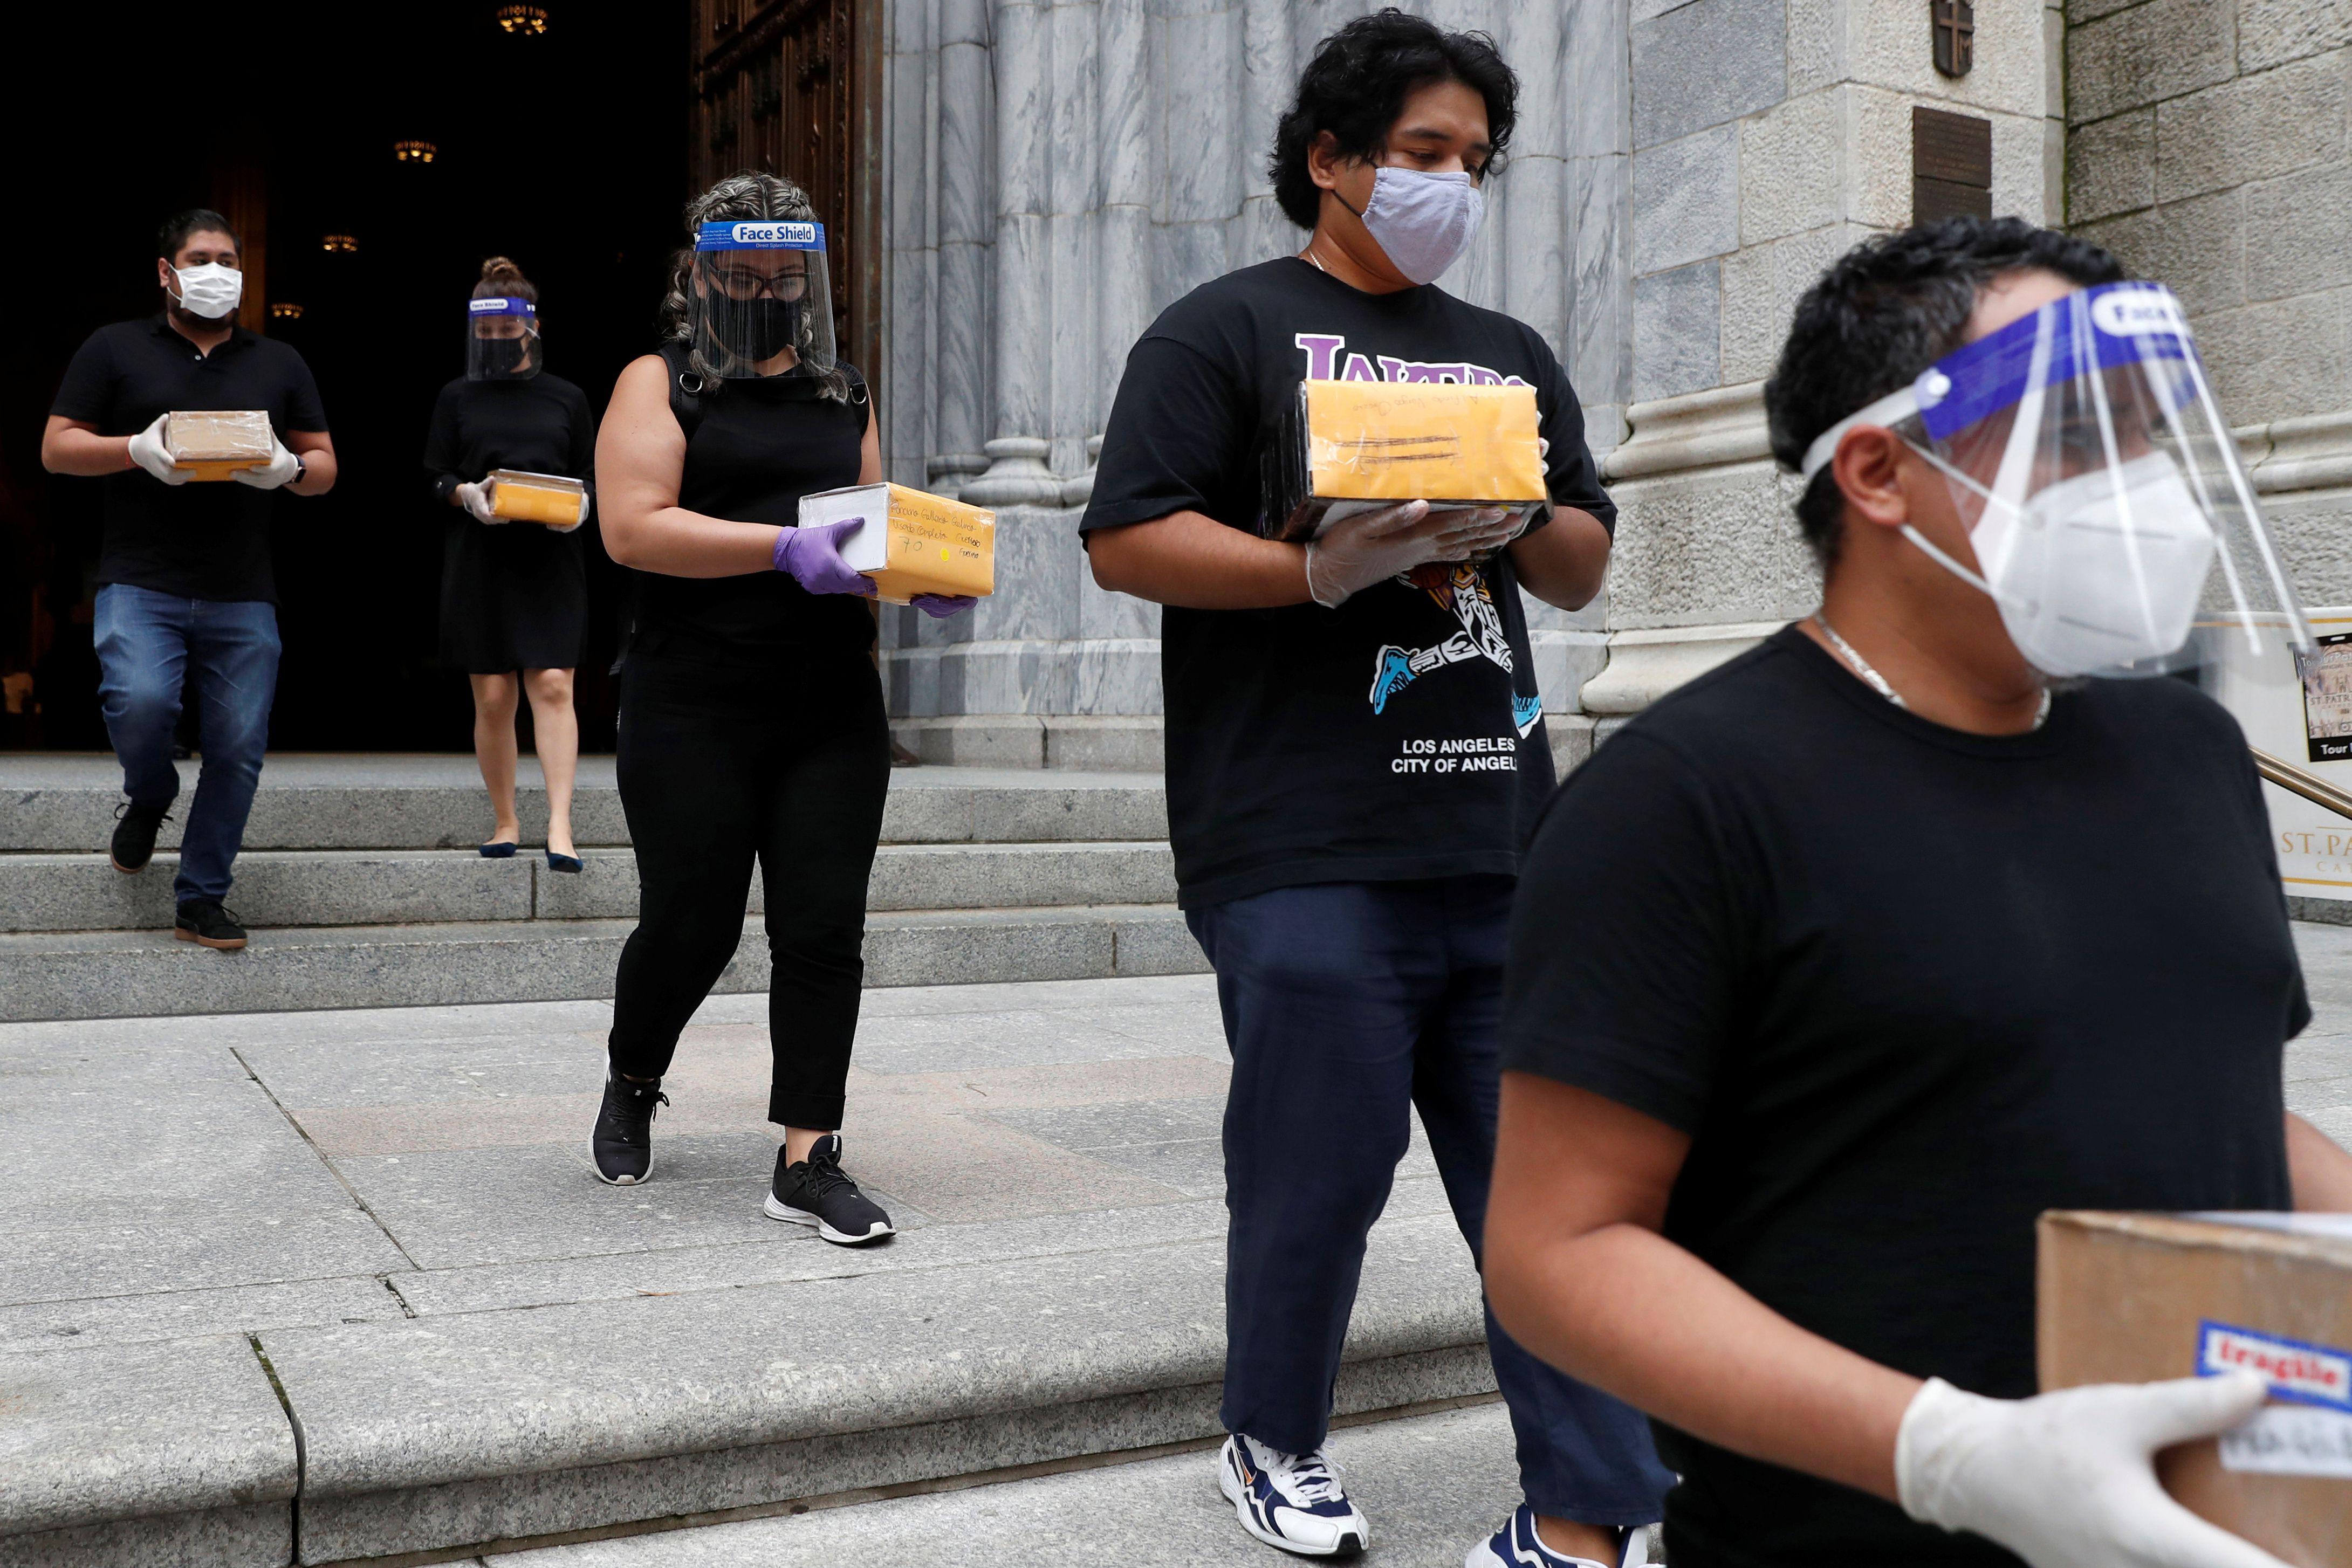 La misa fue celebrada antes de que los restos fueran trasladados a México en un avión de la Fuerza Armada en la que se supone es la repatriación más numerosa en la historia del país (Foto: REUTERS/Andrew Kelly)